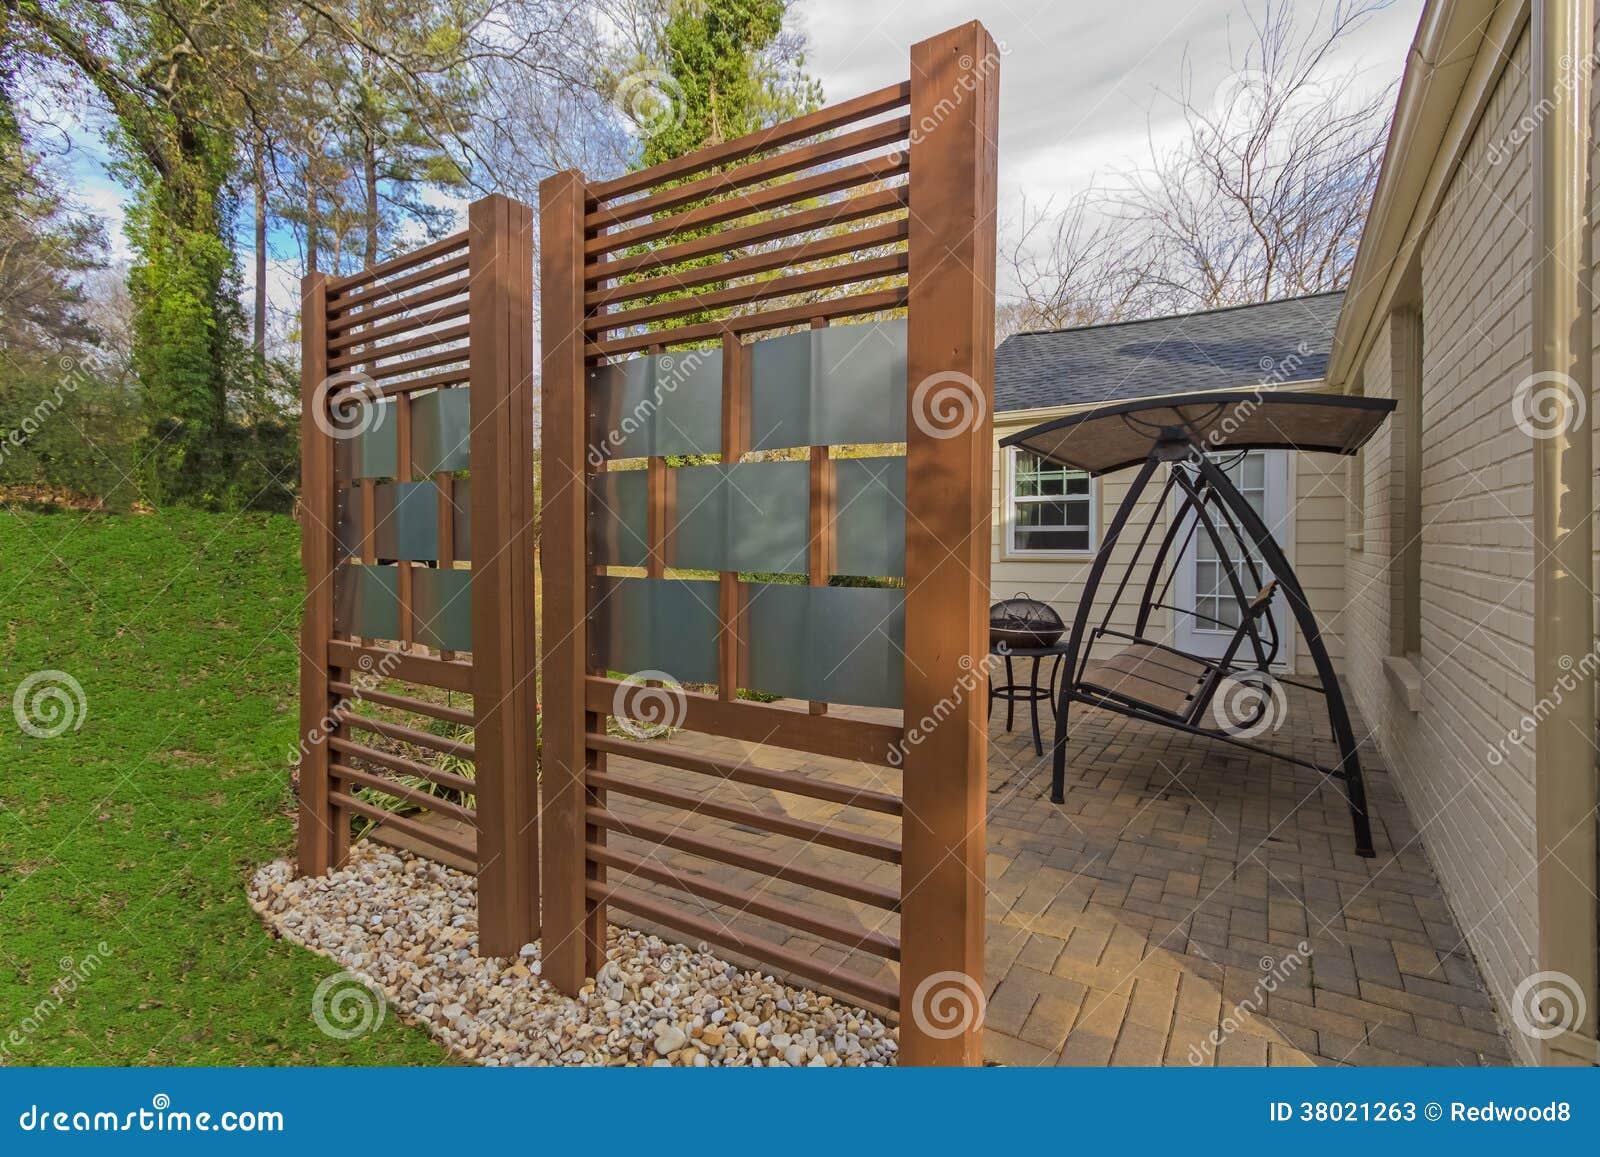 Hinterhof Patio Mit Diy Privatleben Zaun Stockbild Bild